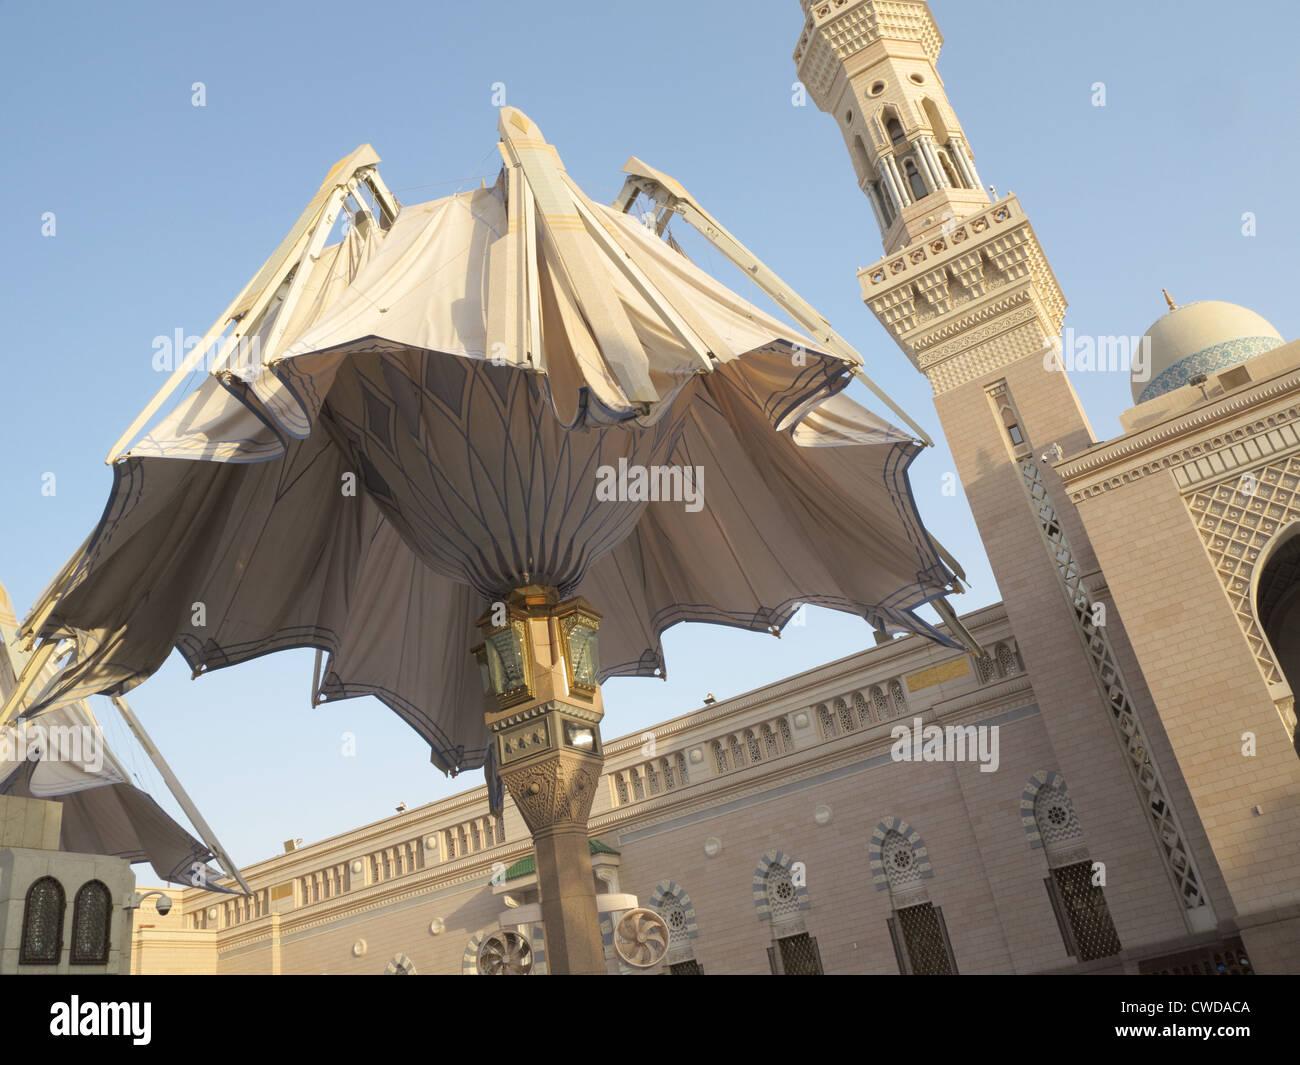 La taille géante parapluie automatique à la fermeture d'une mosquée Nabawi, Al Madinah, Arabie Photo Stock